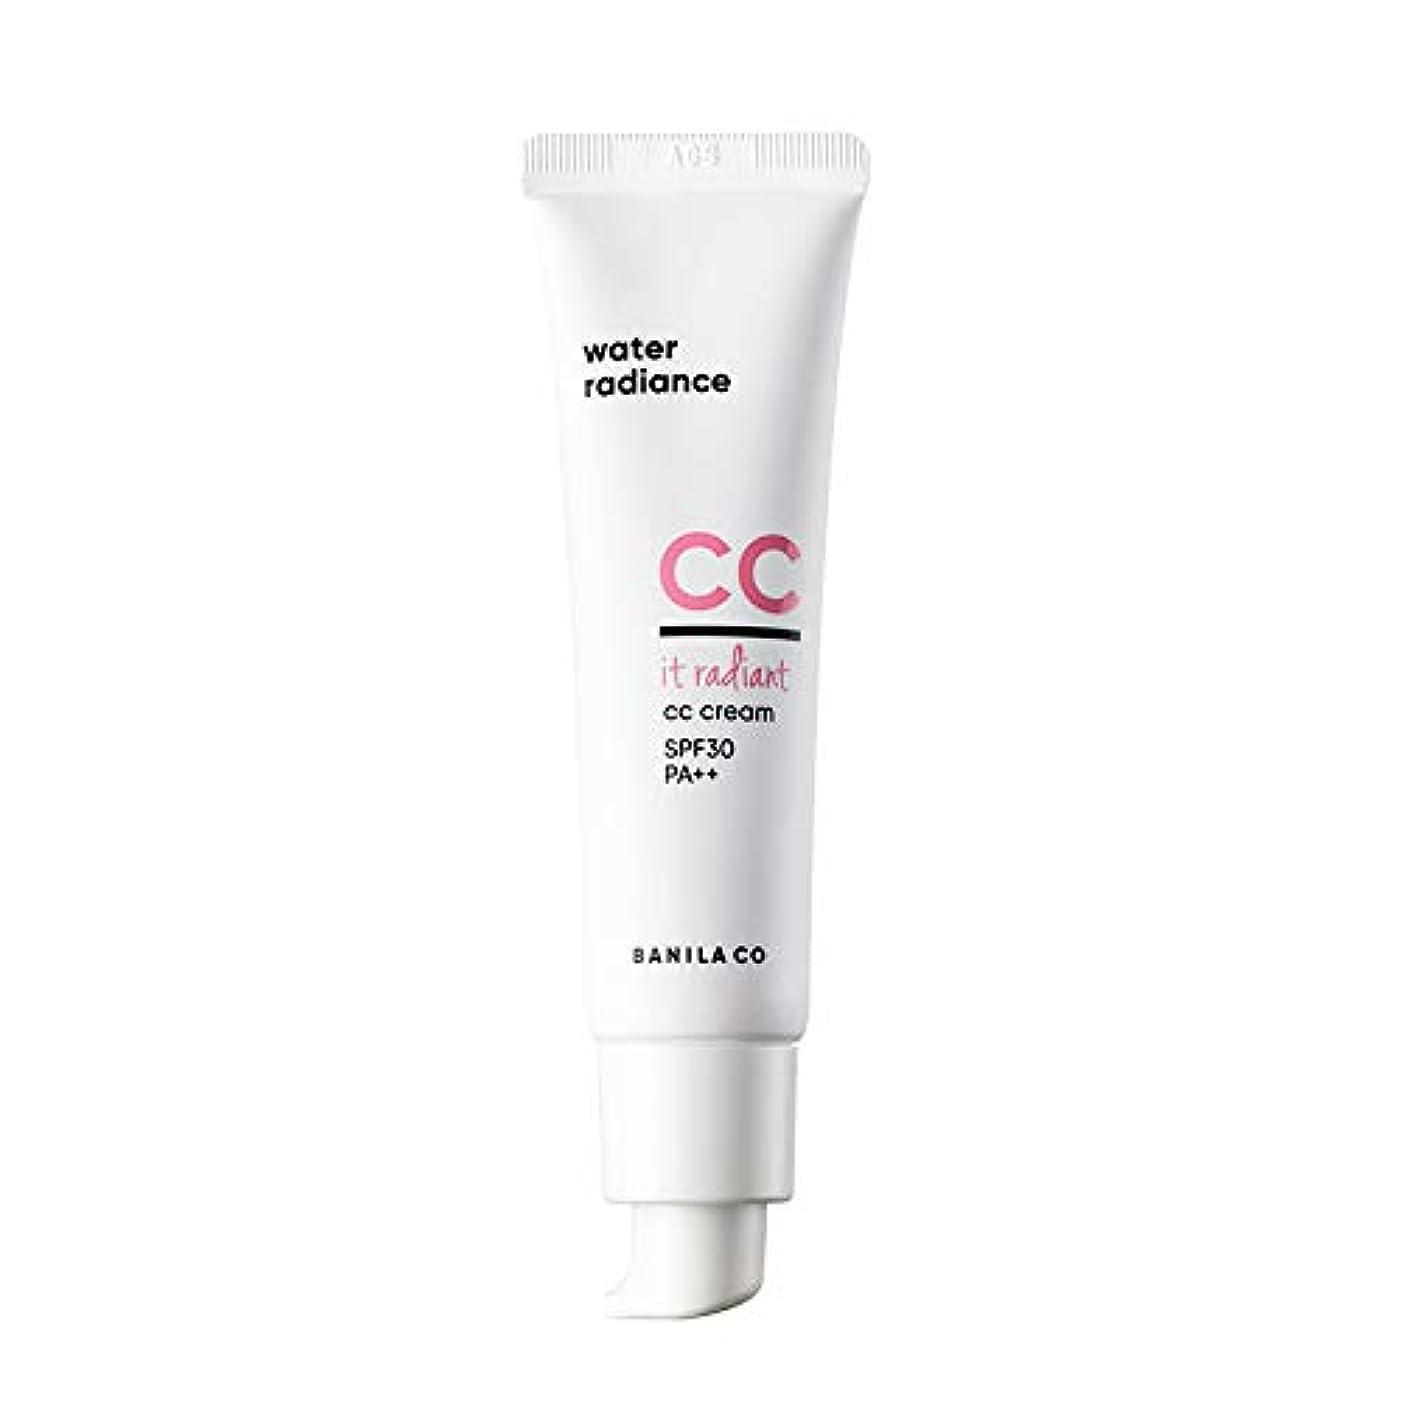 マルクス主義者十一普通のBANILA CO(バニラコ) イットレディアント ccクリーム It Radiant CC Cream